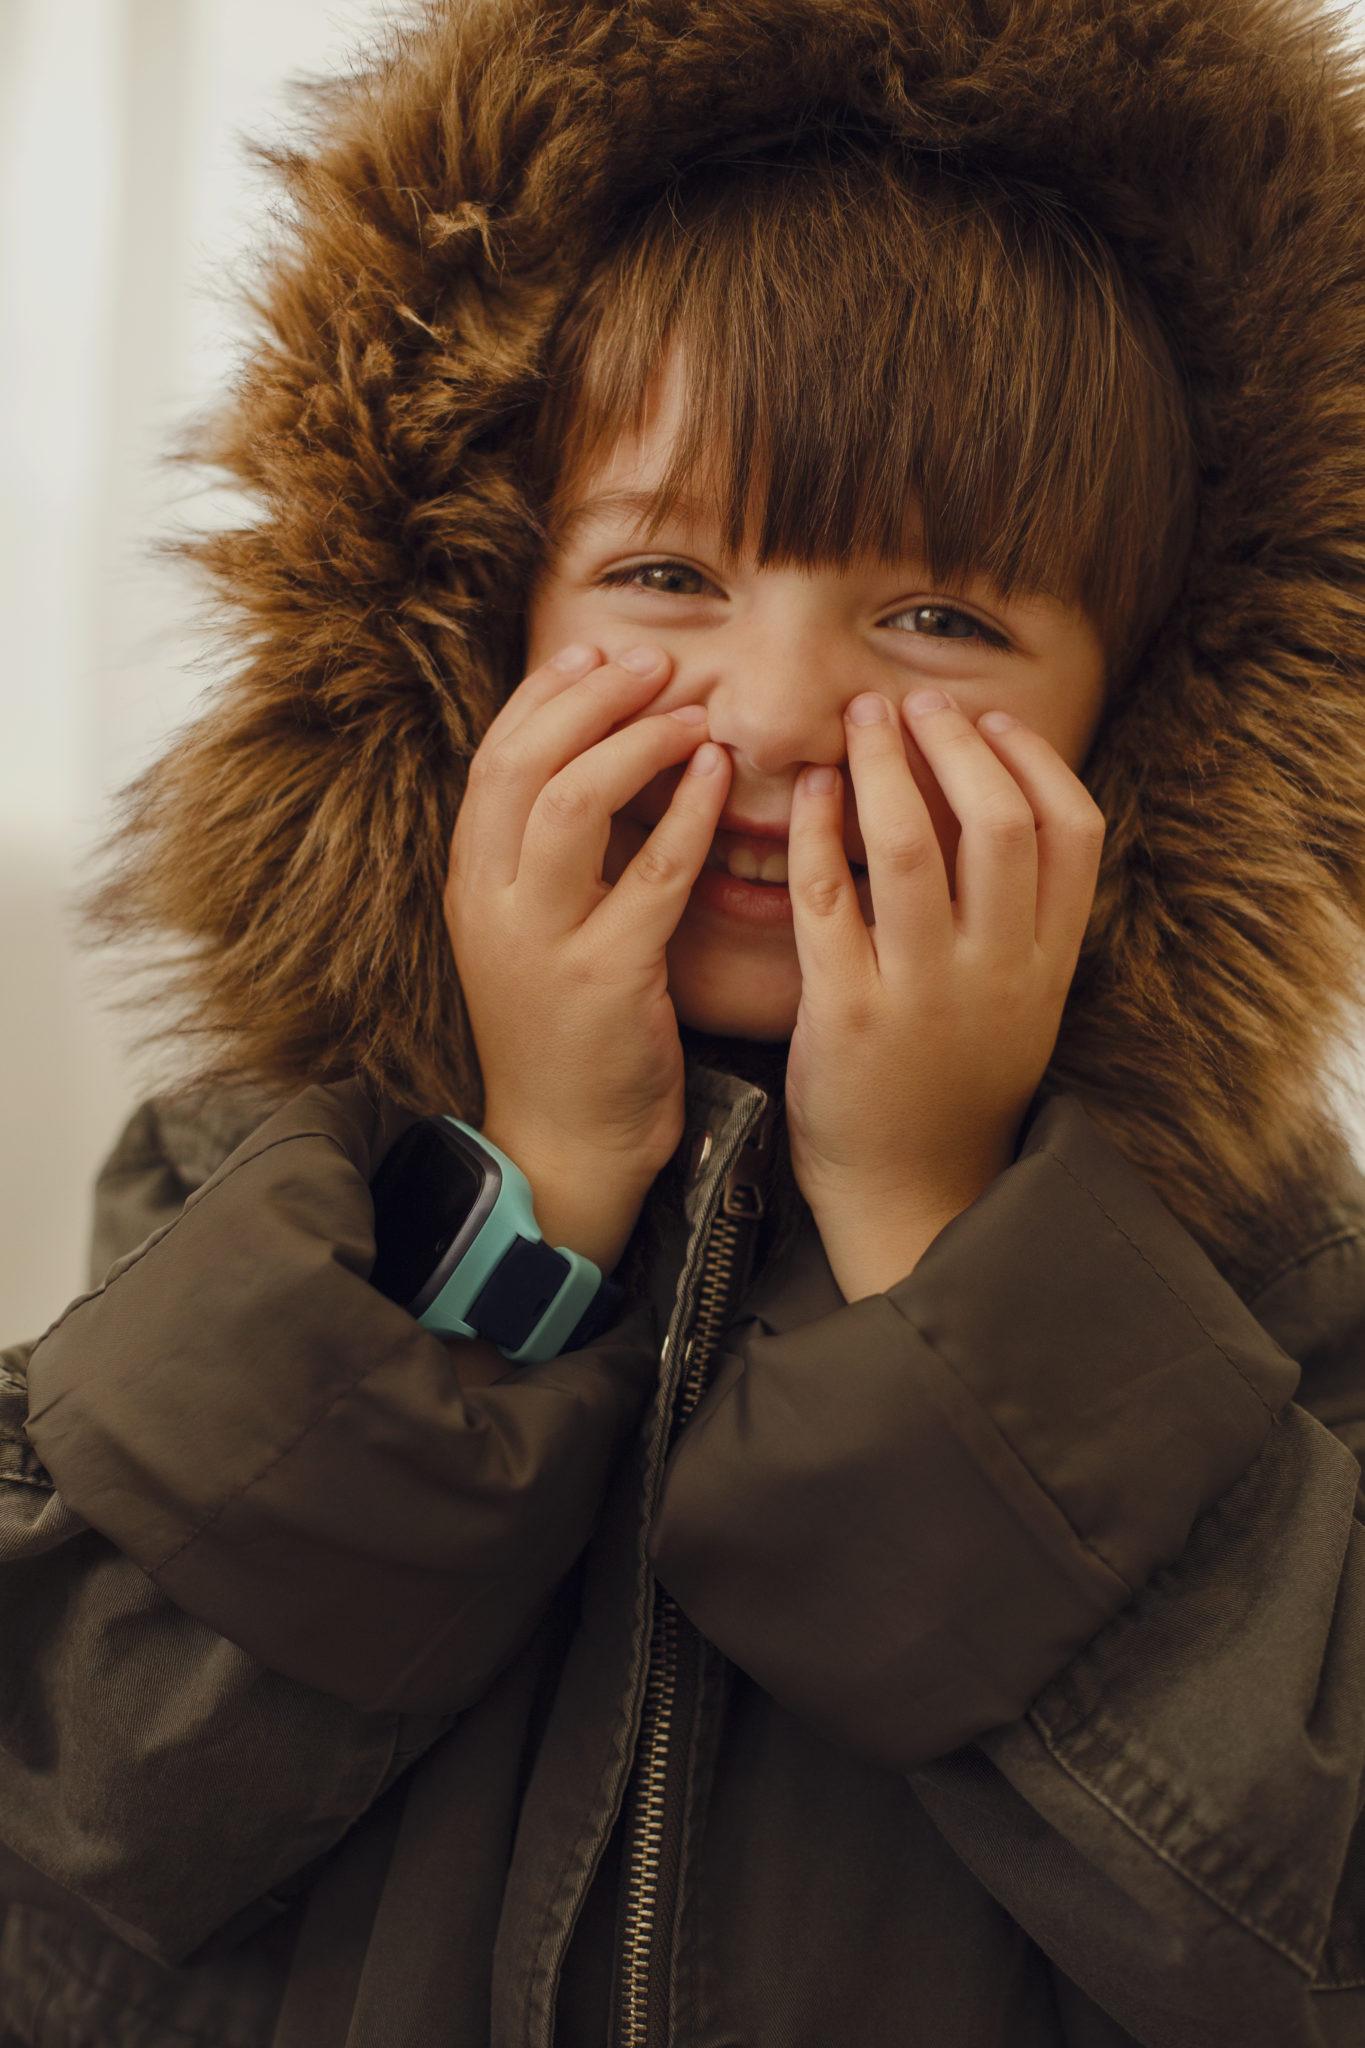 Lue Xploran vinkit siihen, miten lapsen itsetuntoa ja varmuutta voi kasvattaa